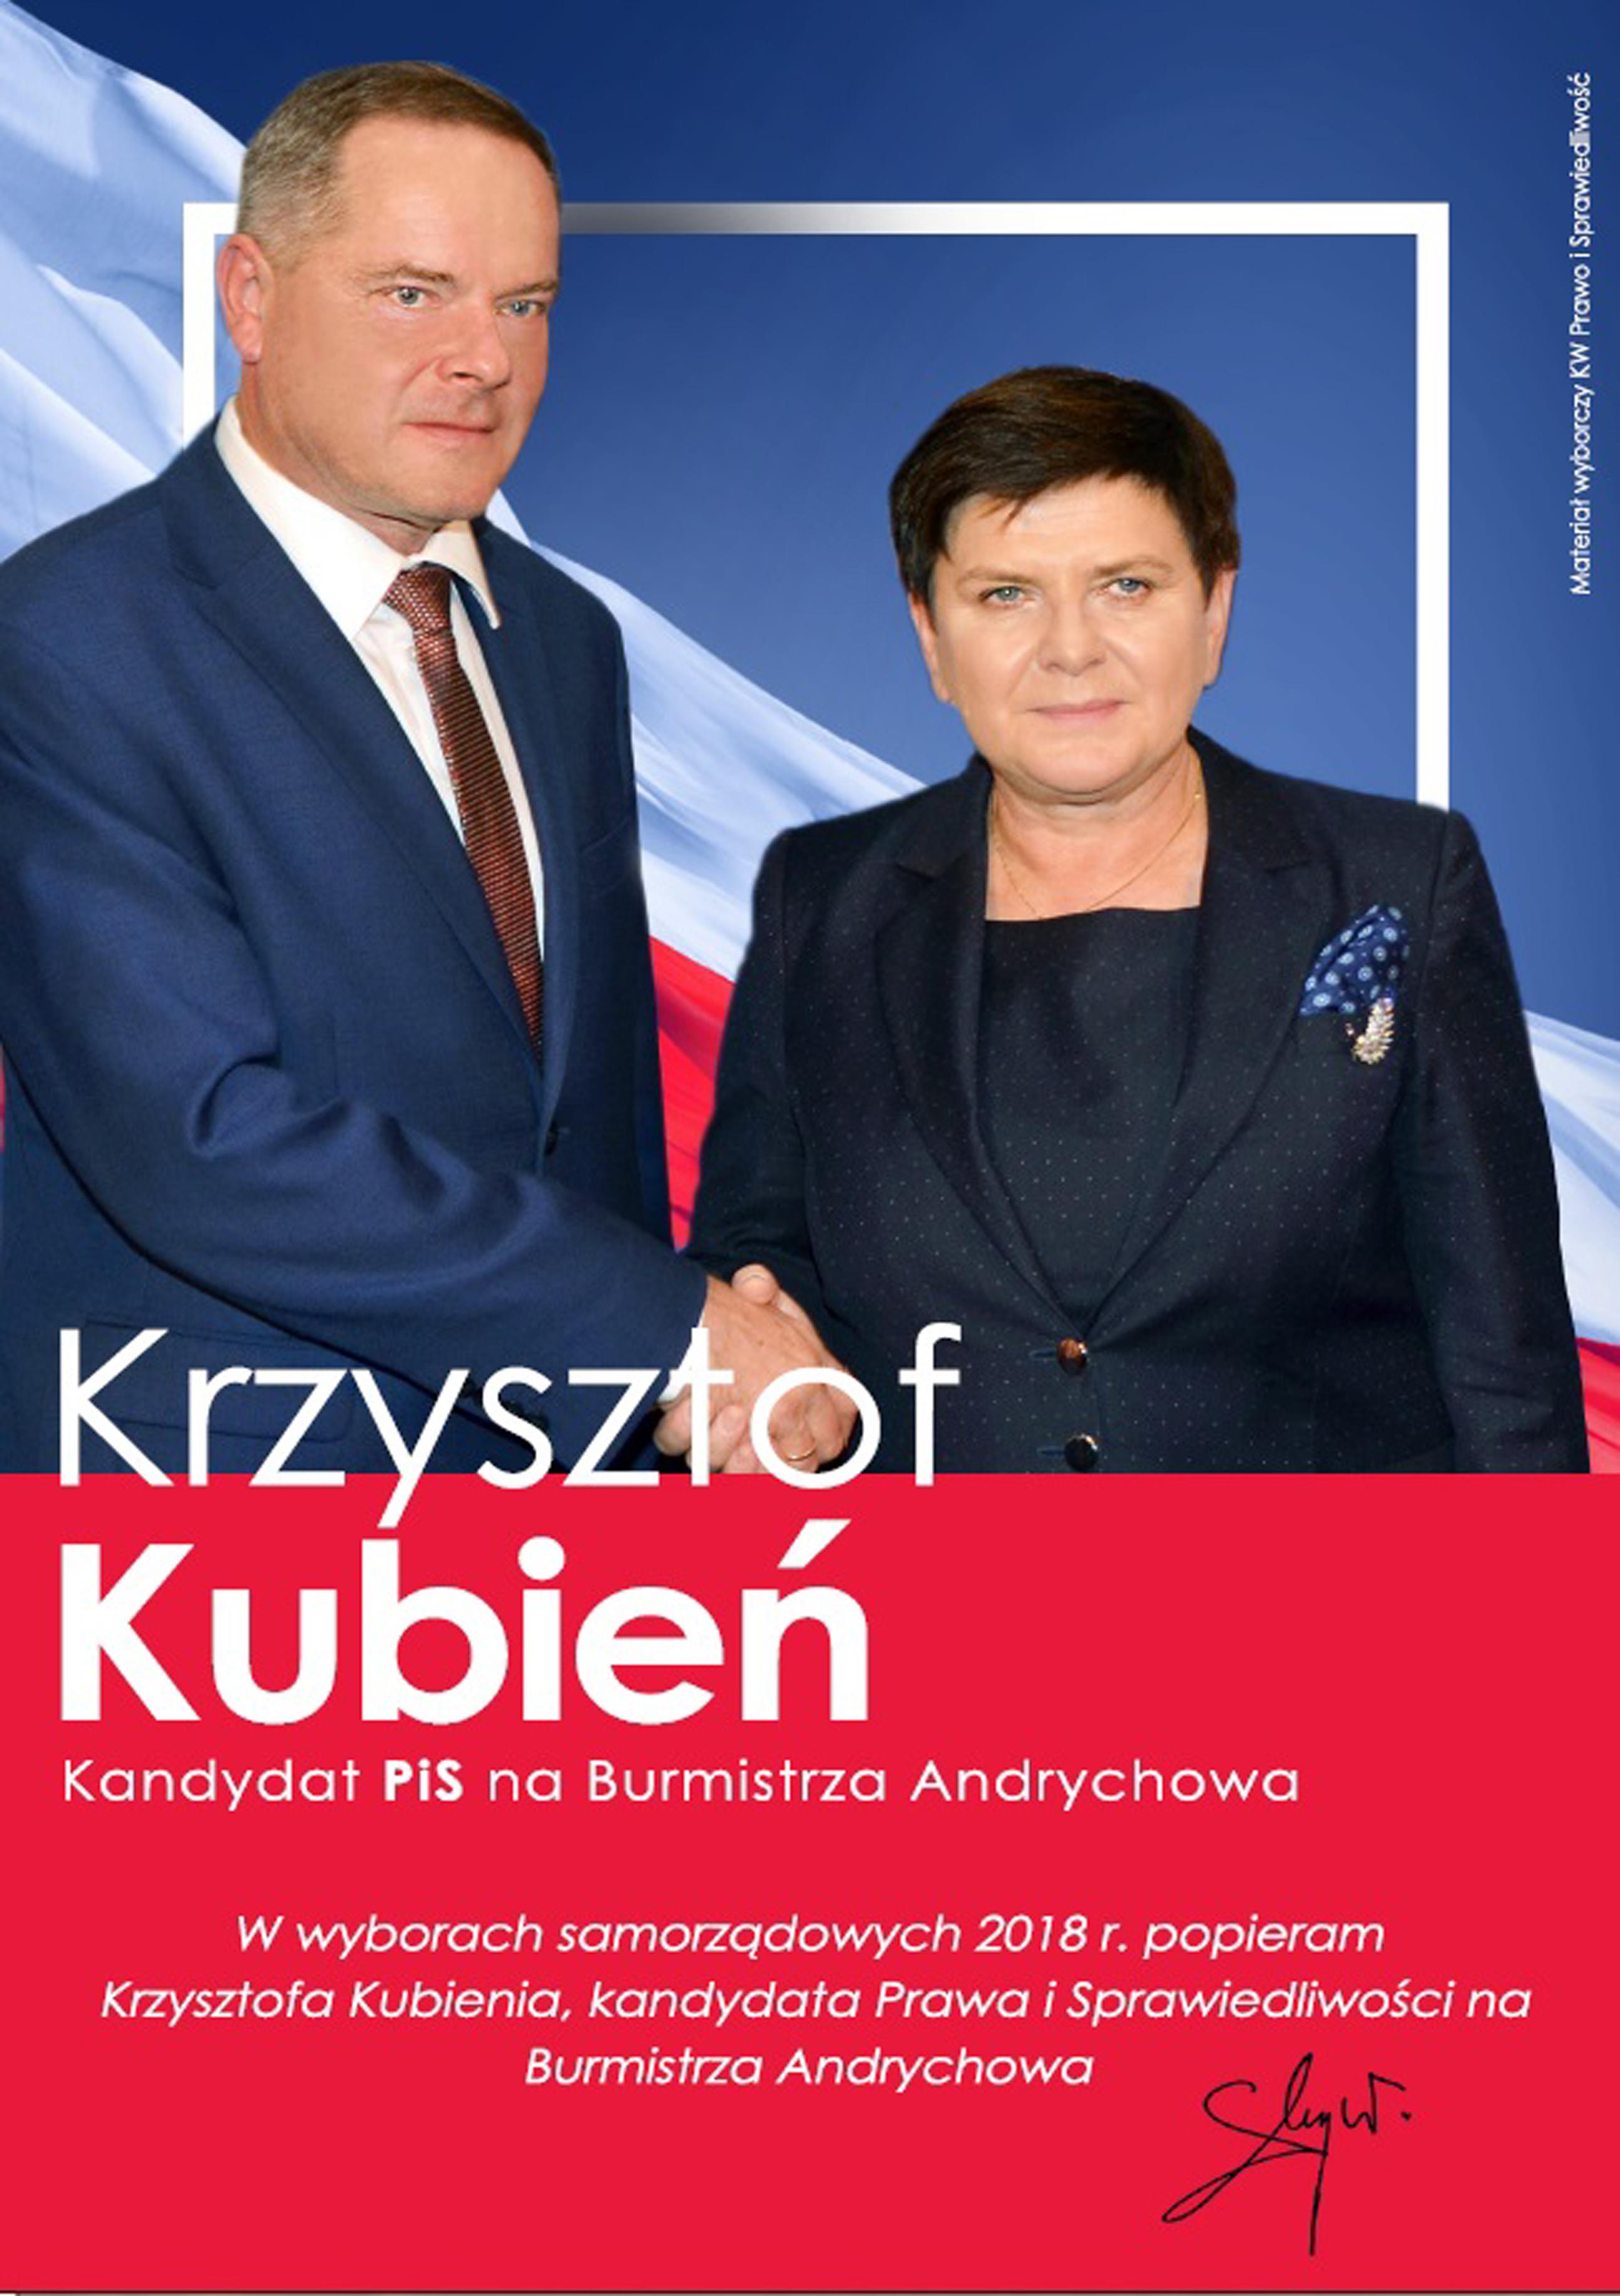 Rekomendacja Wiceprezes Rady Ministrów Pani Beaty Szydło